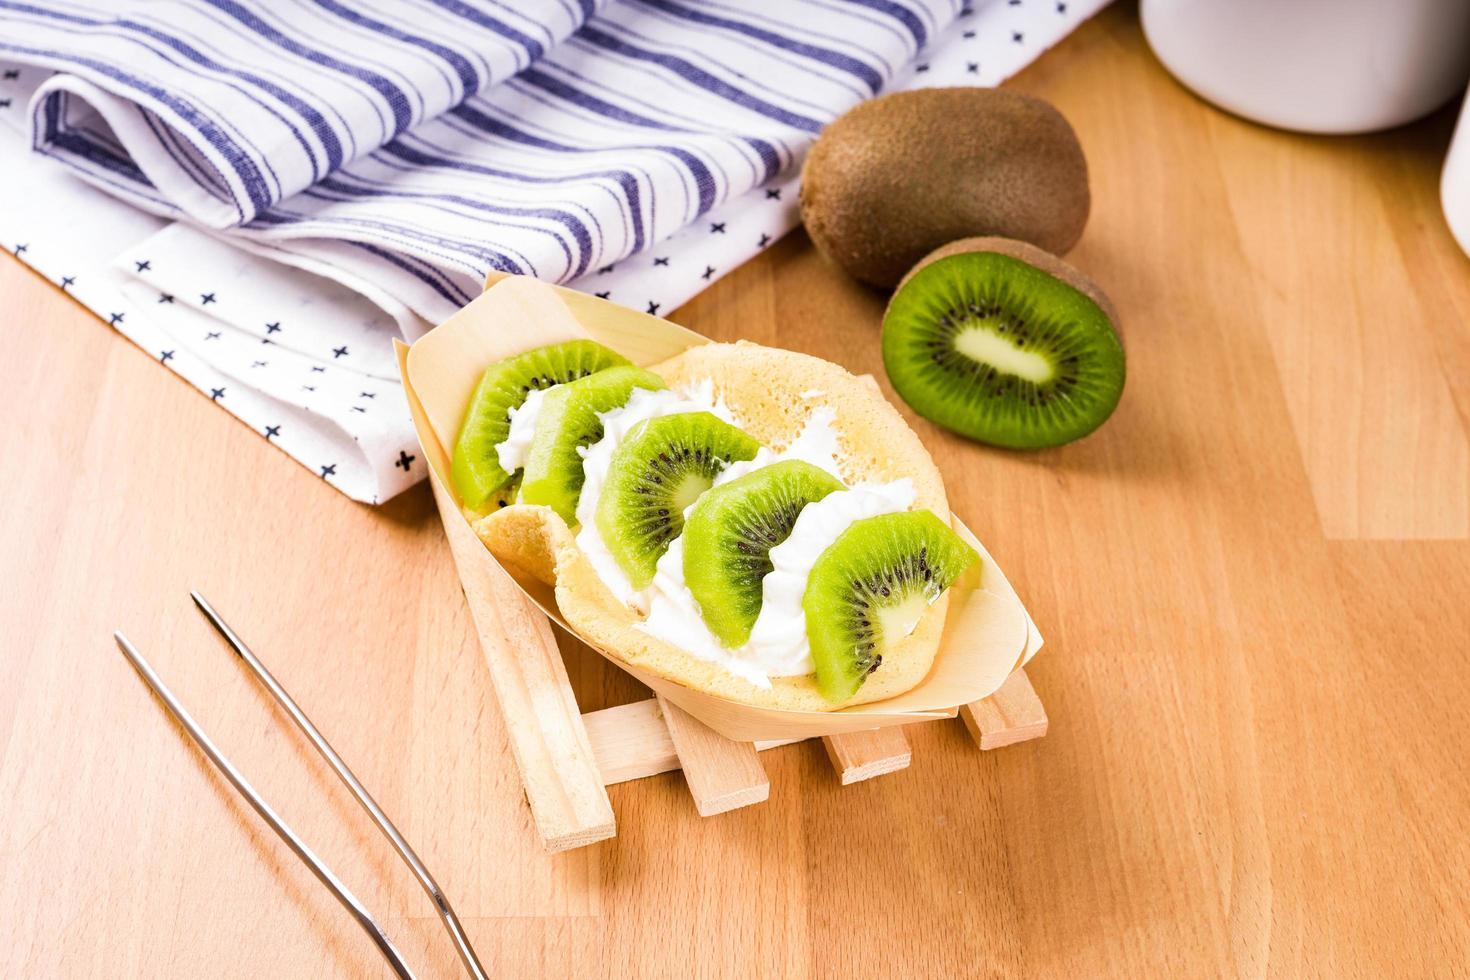 sobremesa de kiwi na mesa foto